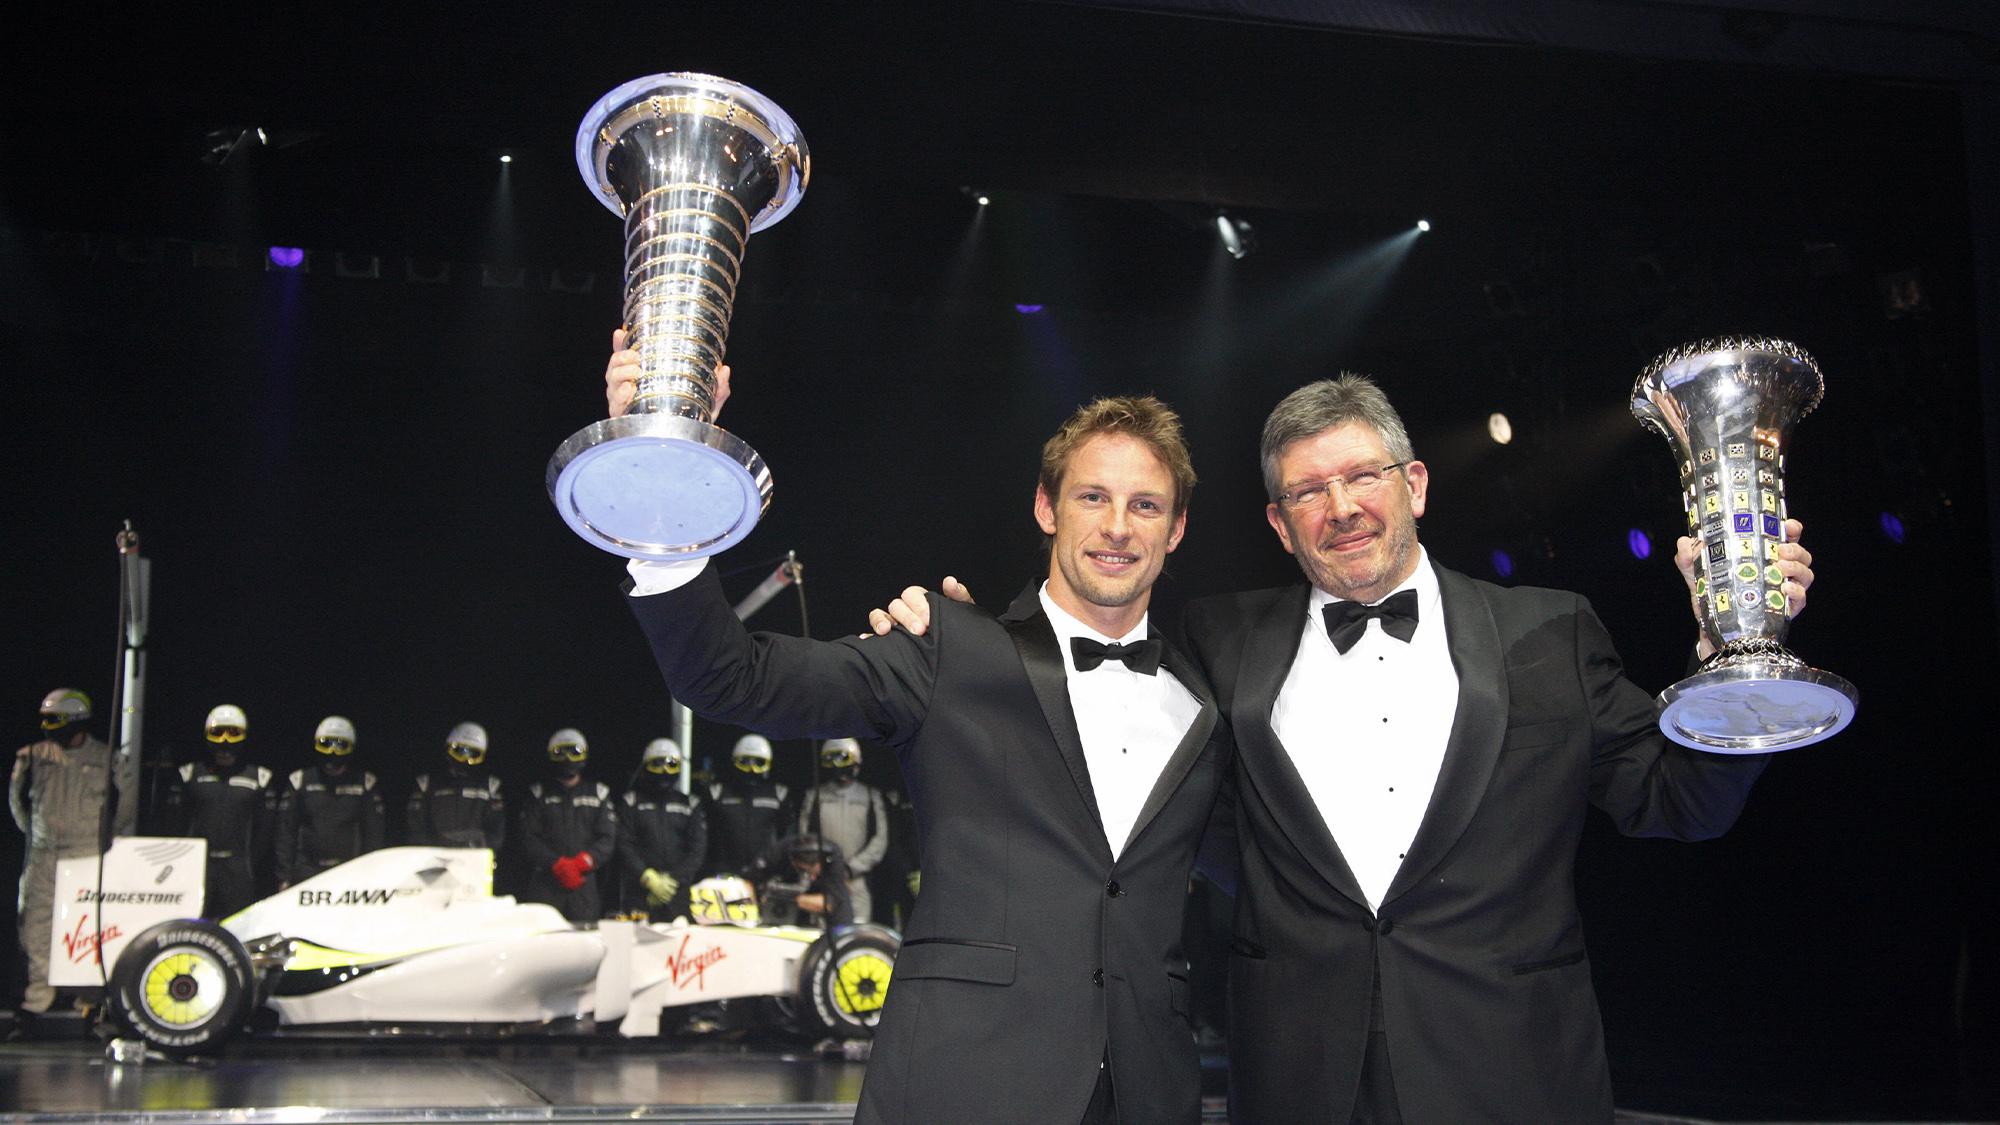 Jenson Button and Ross Brawn celebrate winning the 2009 F1 championships